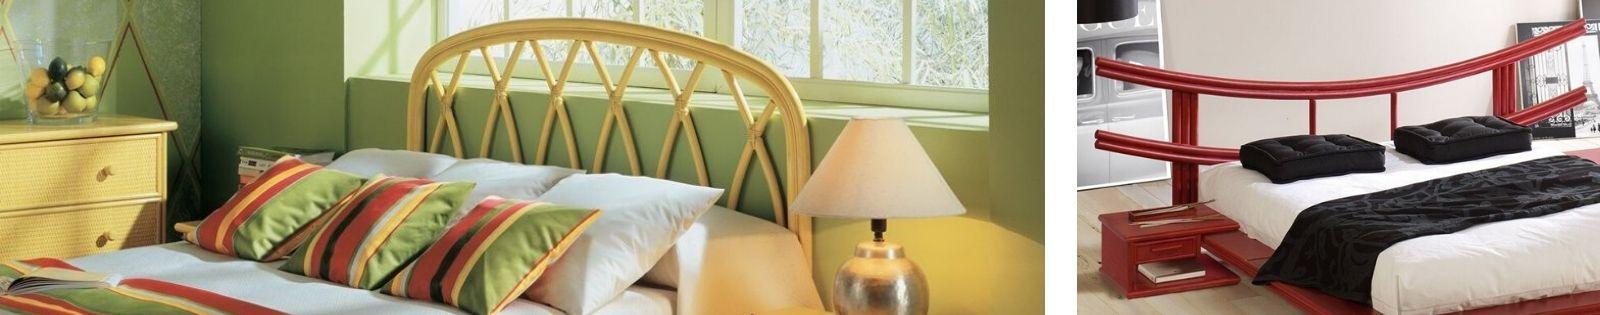 Tête de lit en rotin : meubles haut de gamme de fabrication espagnole.